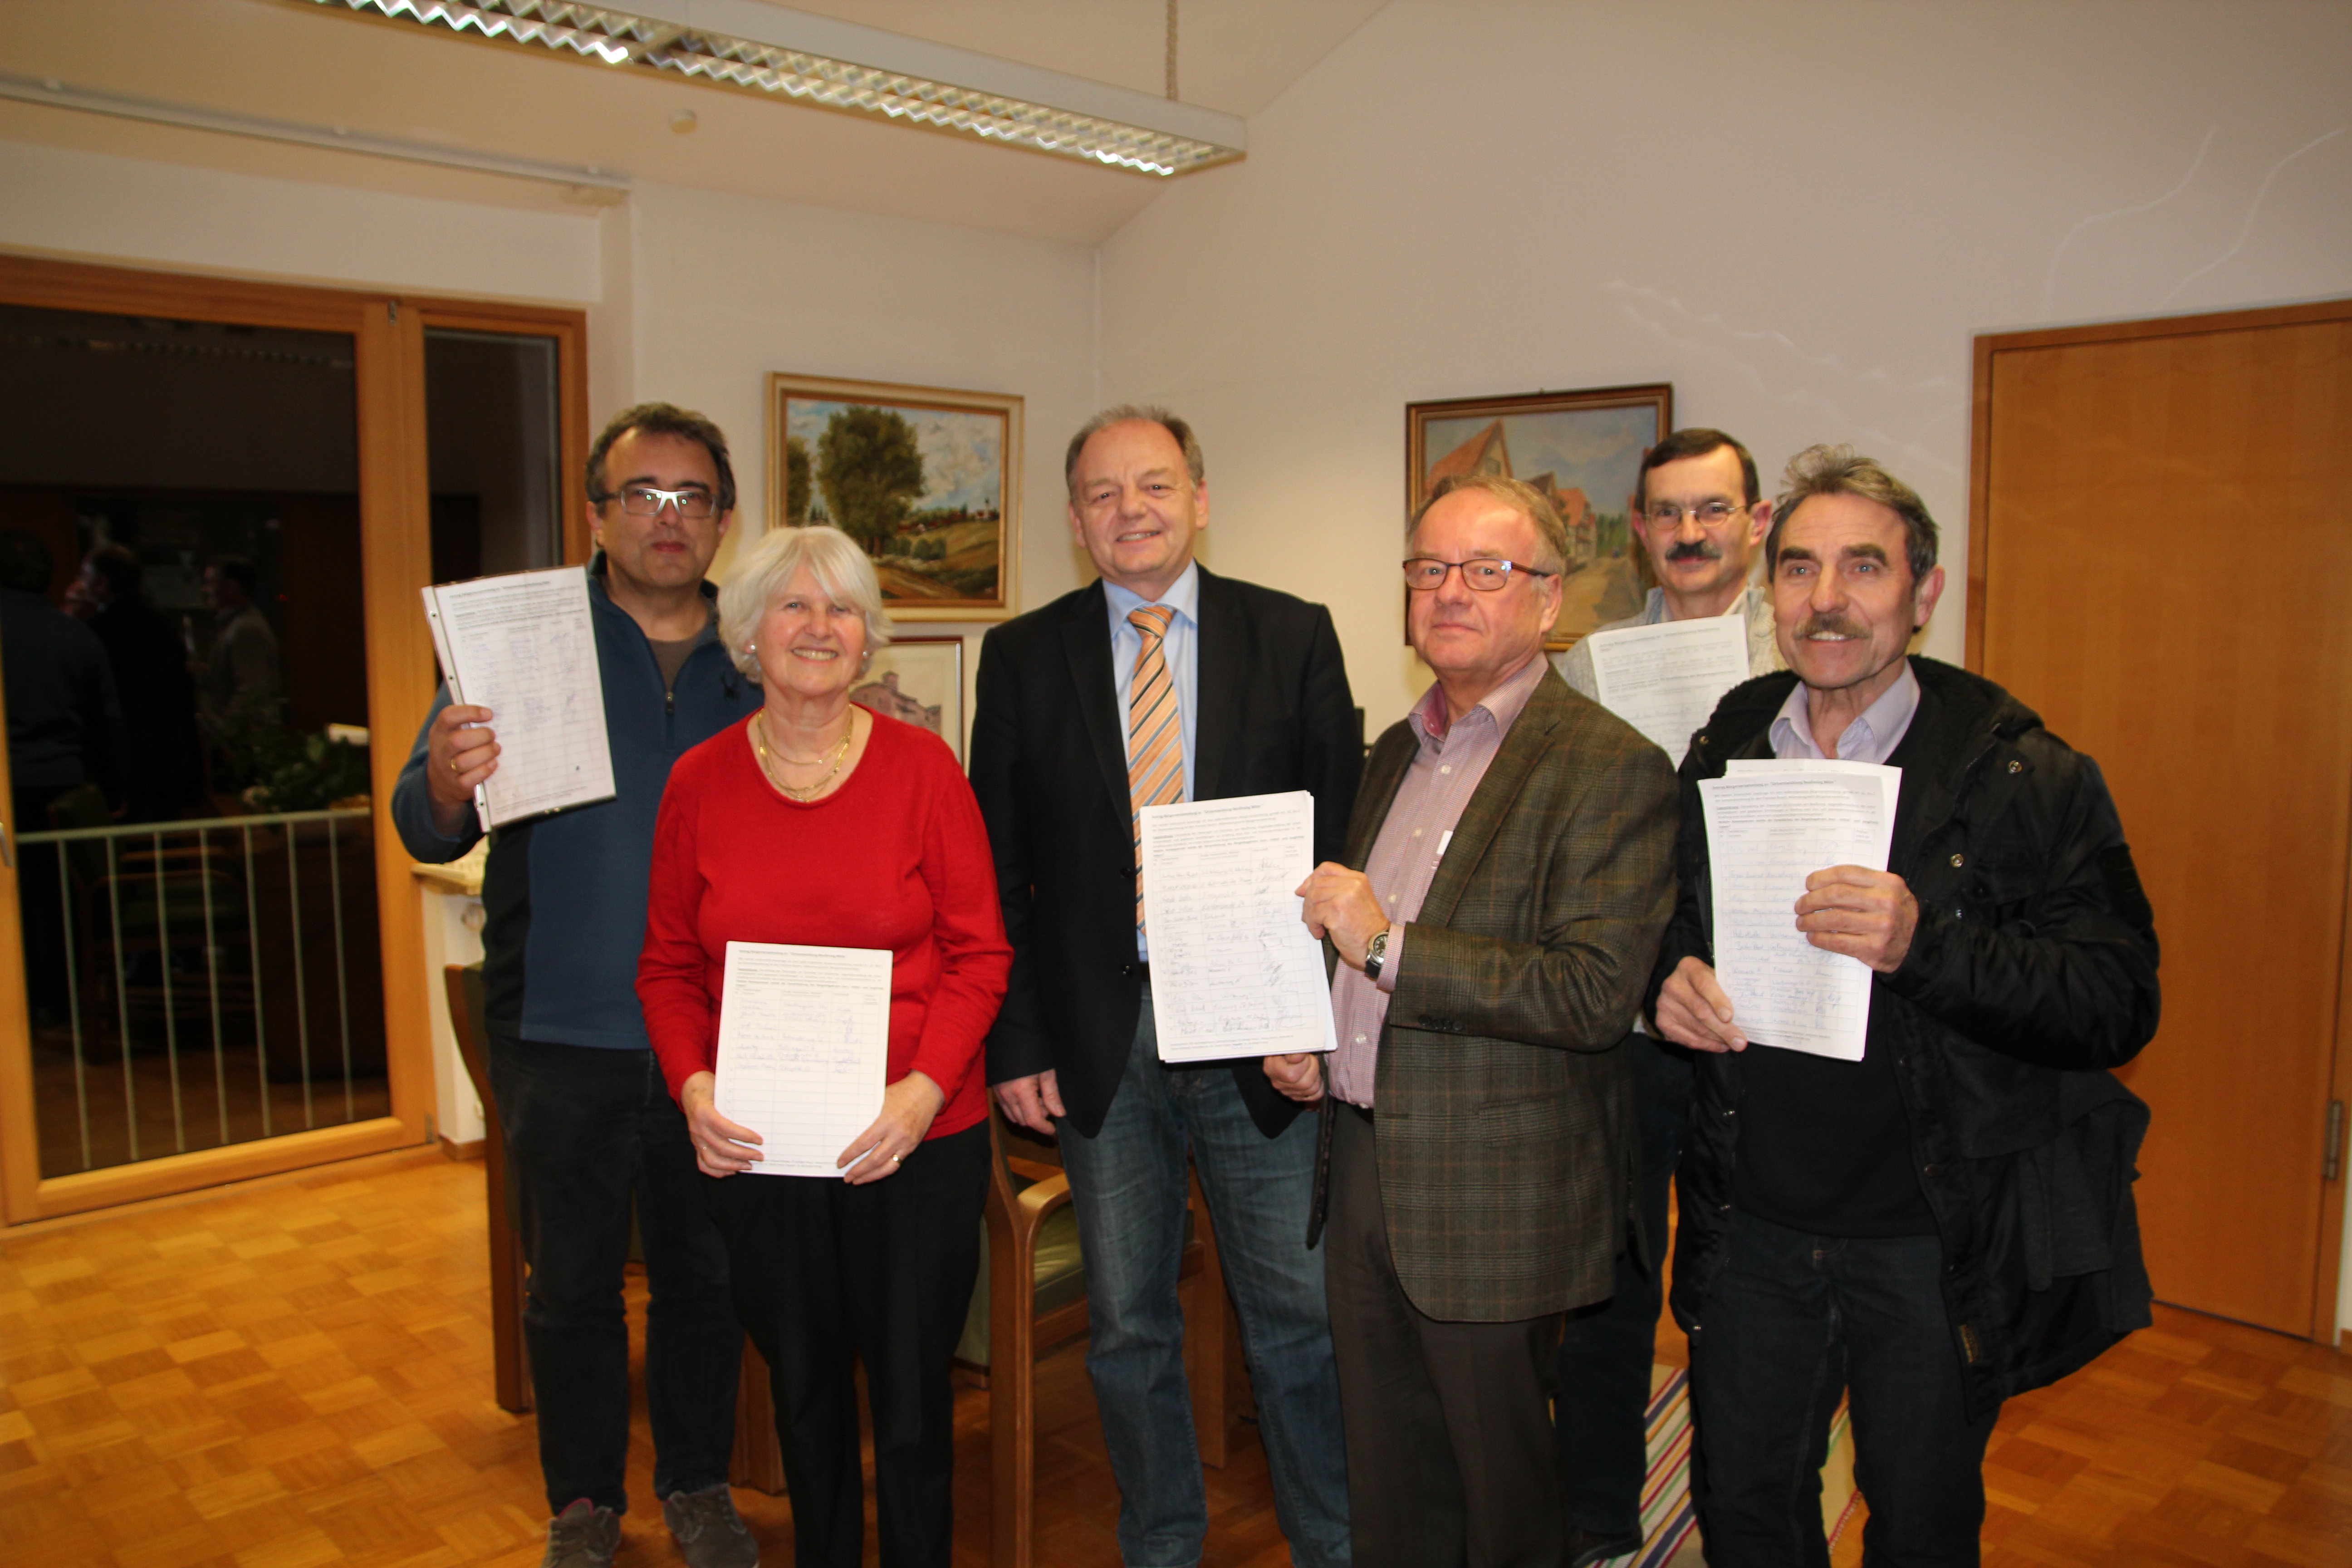 Übergabe der Unterschriften für eine außerordentliche Bürgerversammlung